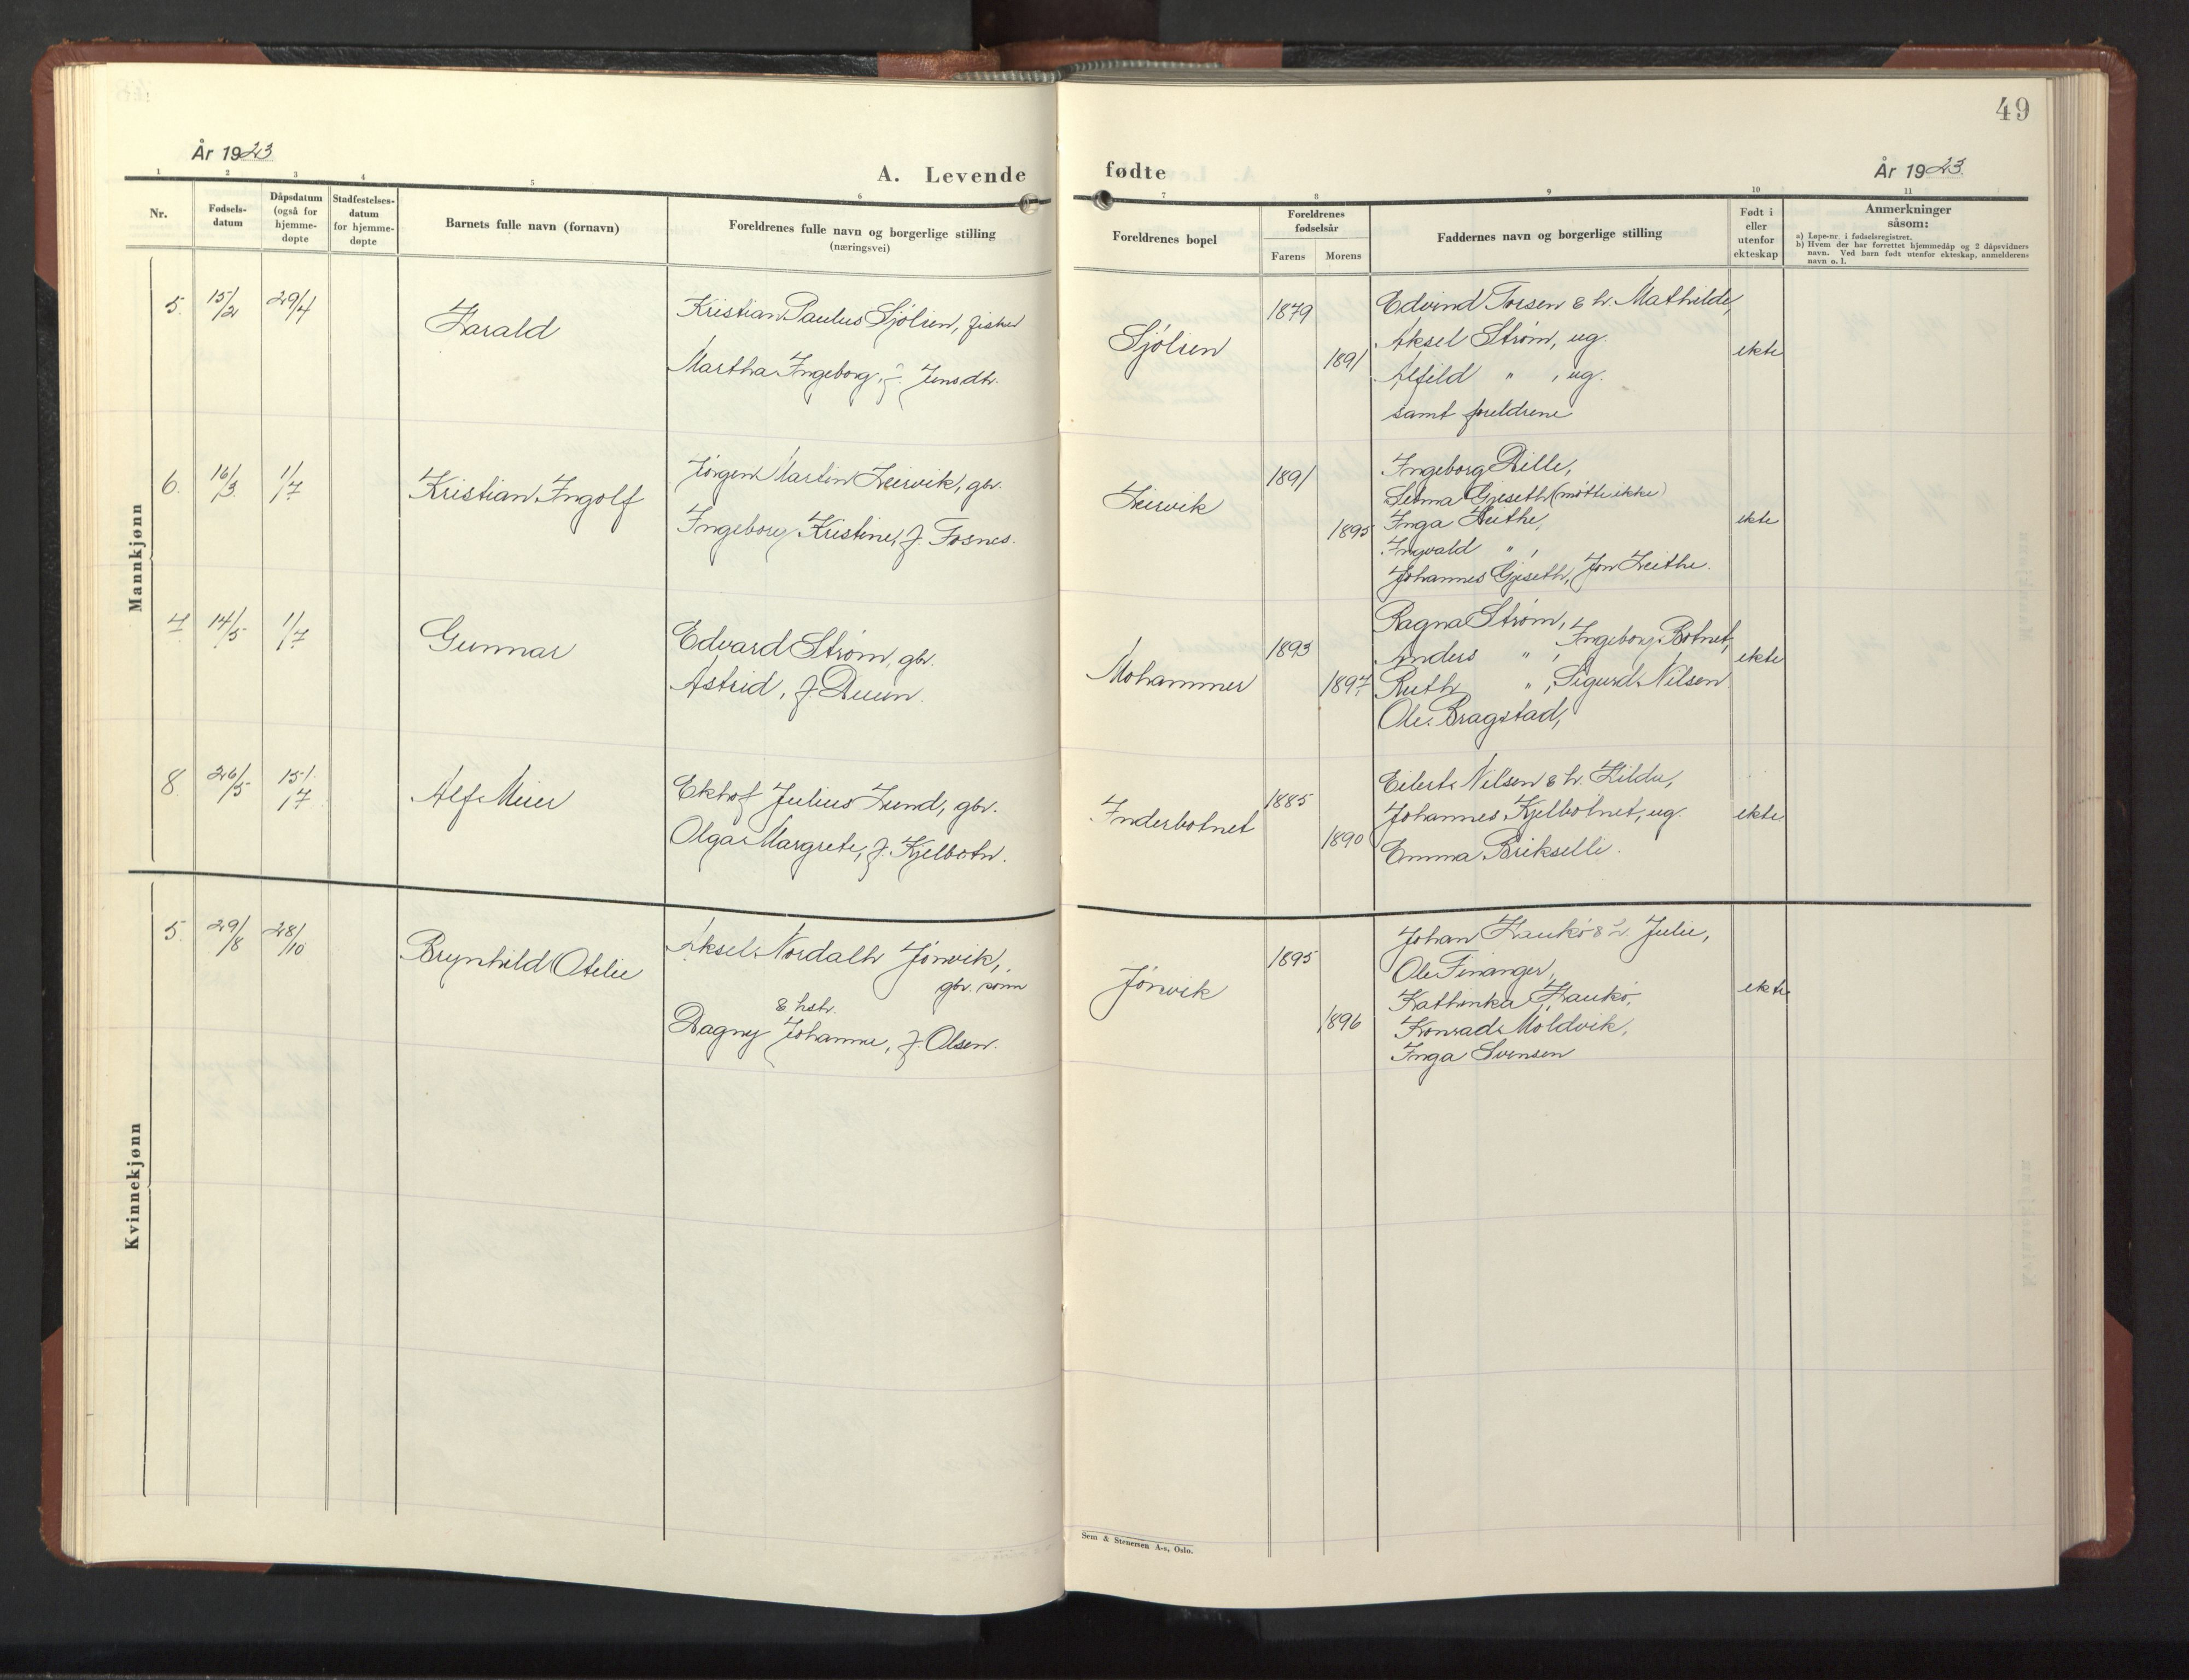 SAT, Ministerialprotokoller, klokkerbøker og fødselsregistre - Nord-Trøndelag, 773/L0625: Klokkerbok nr. 773C01, 1910-1952, s. 49